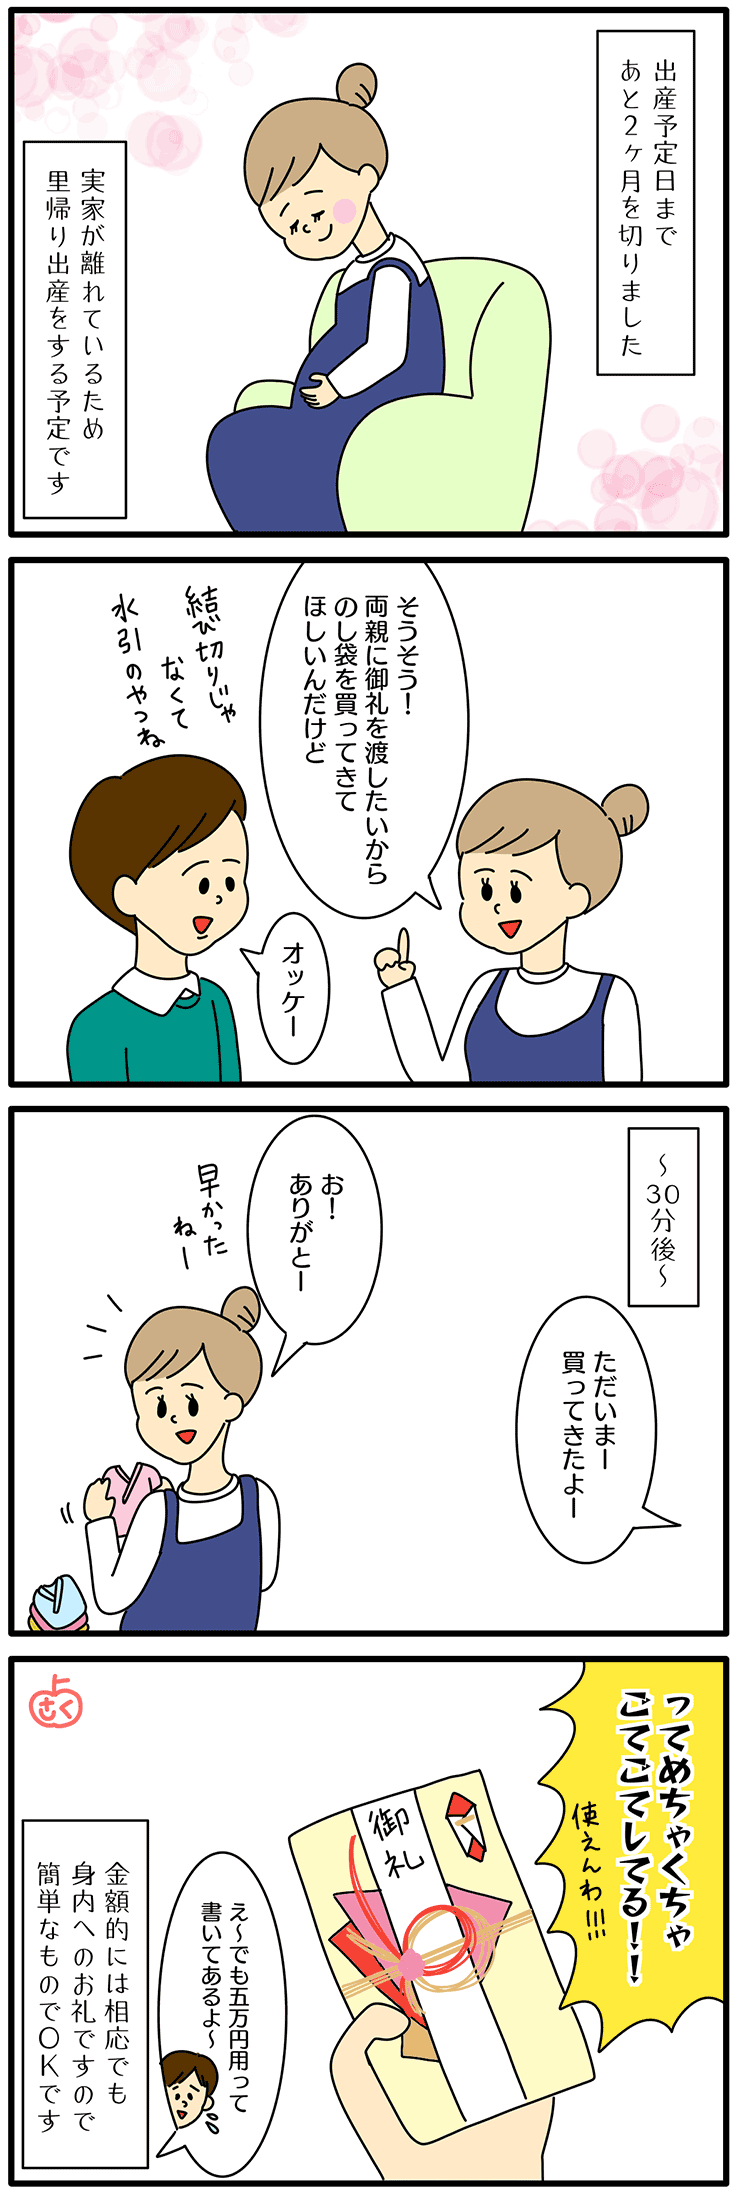 里帰り出産のお礼についての永岡さくら(saku)さんの子育て4コマ漫画